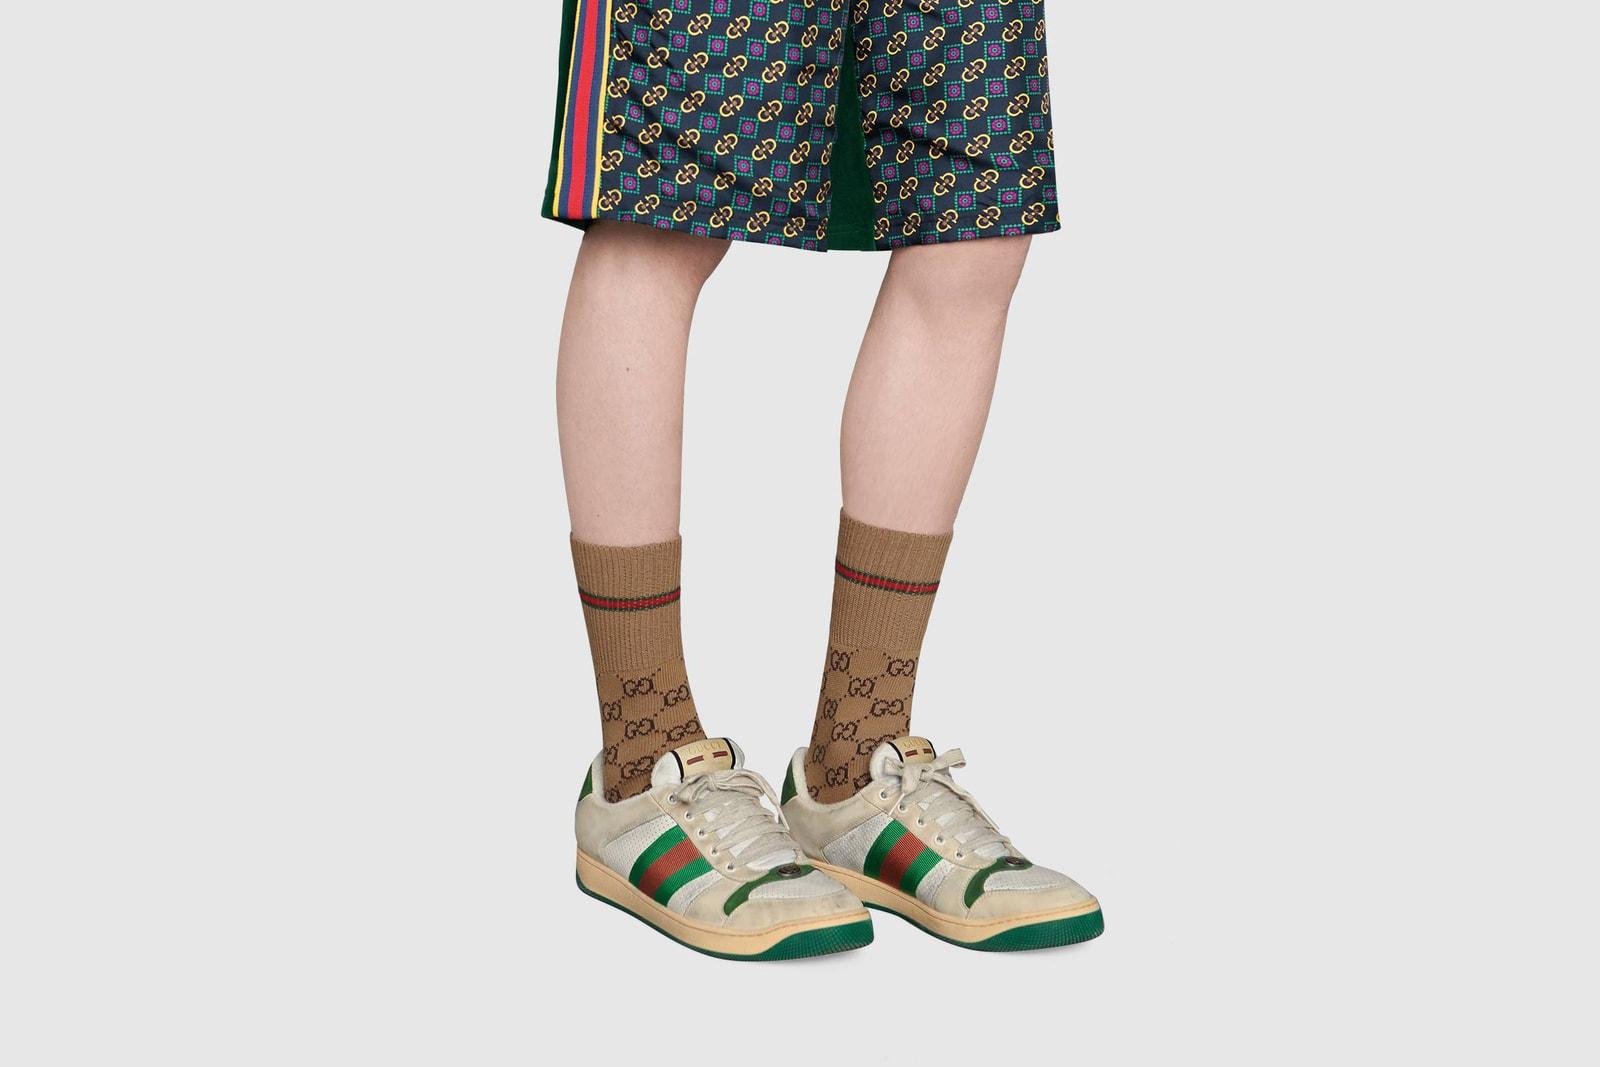 pas cher pour réduction eaf08 e440c Gucci, Off-White... 10 Chaussettes A Shopper   HYPEBEAST